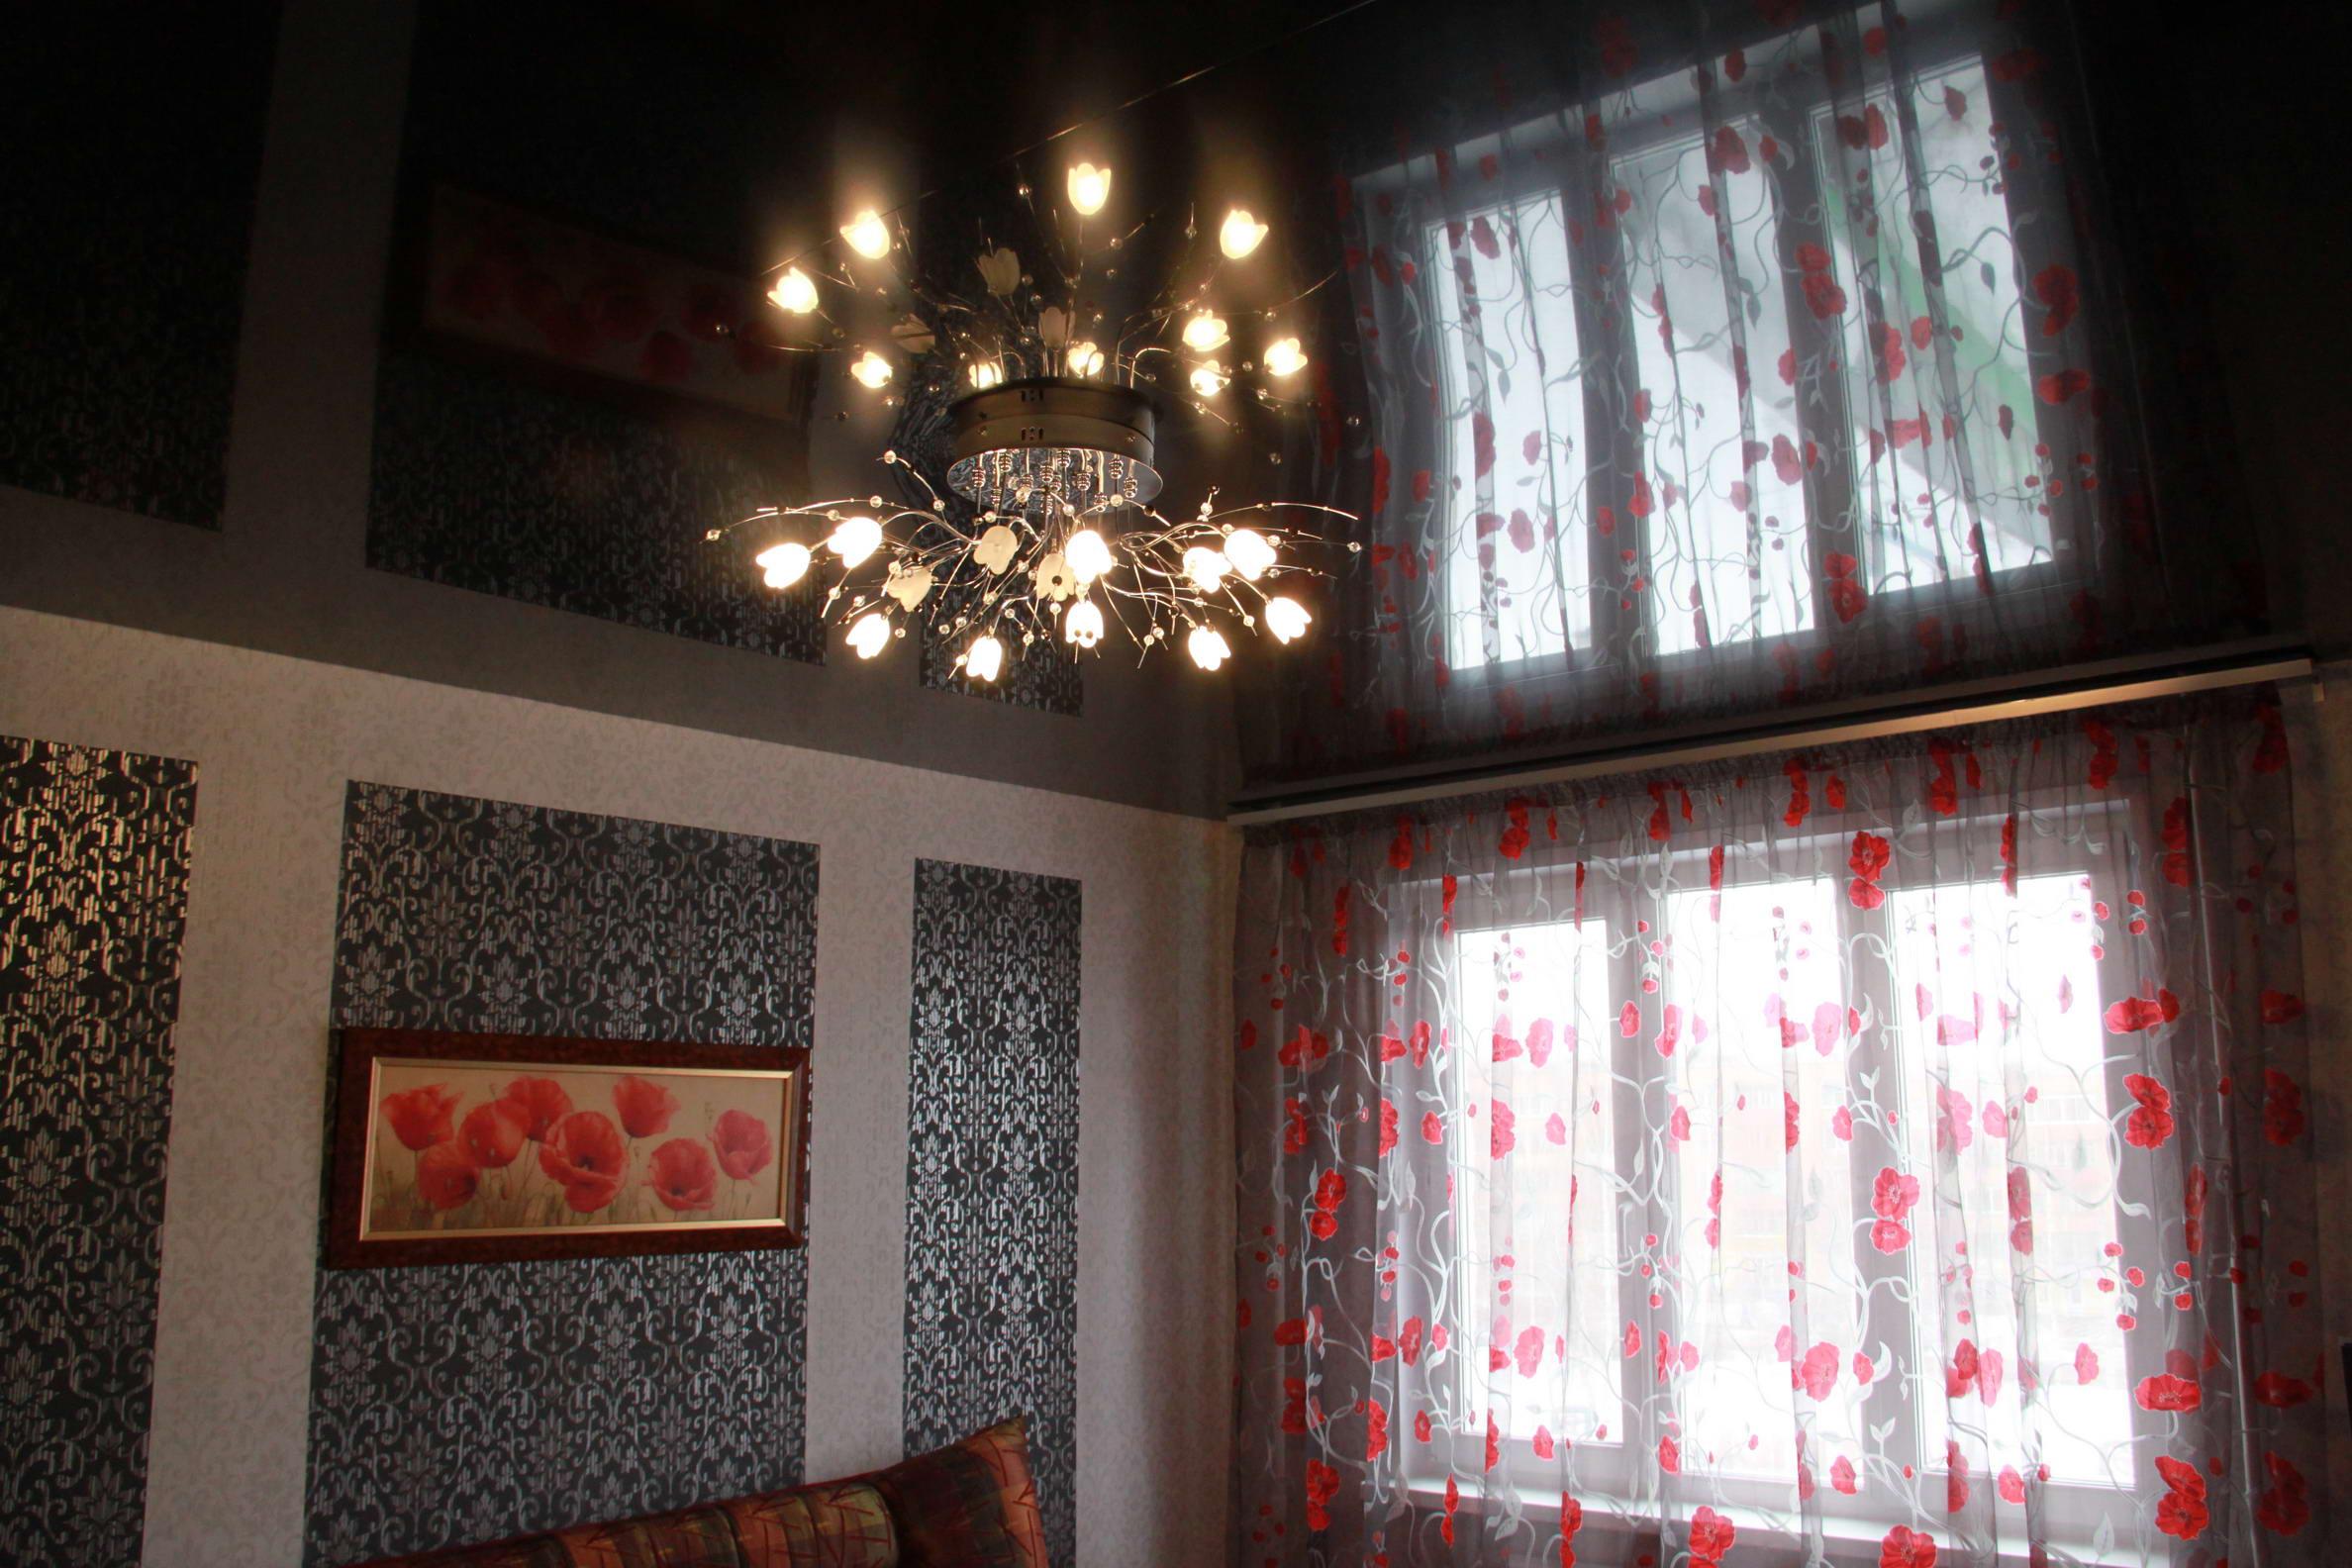 Construire un plafond en bois evreux cote peinture gratuite entreprise kgpzpl - Plafonds suspendus dalles decoratives ...